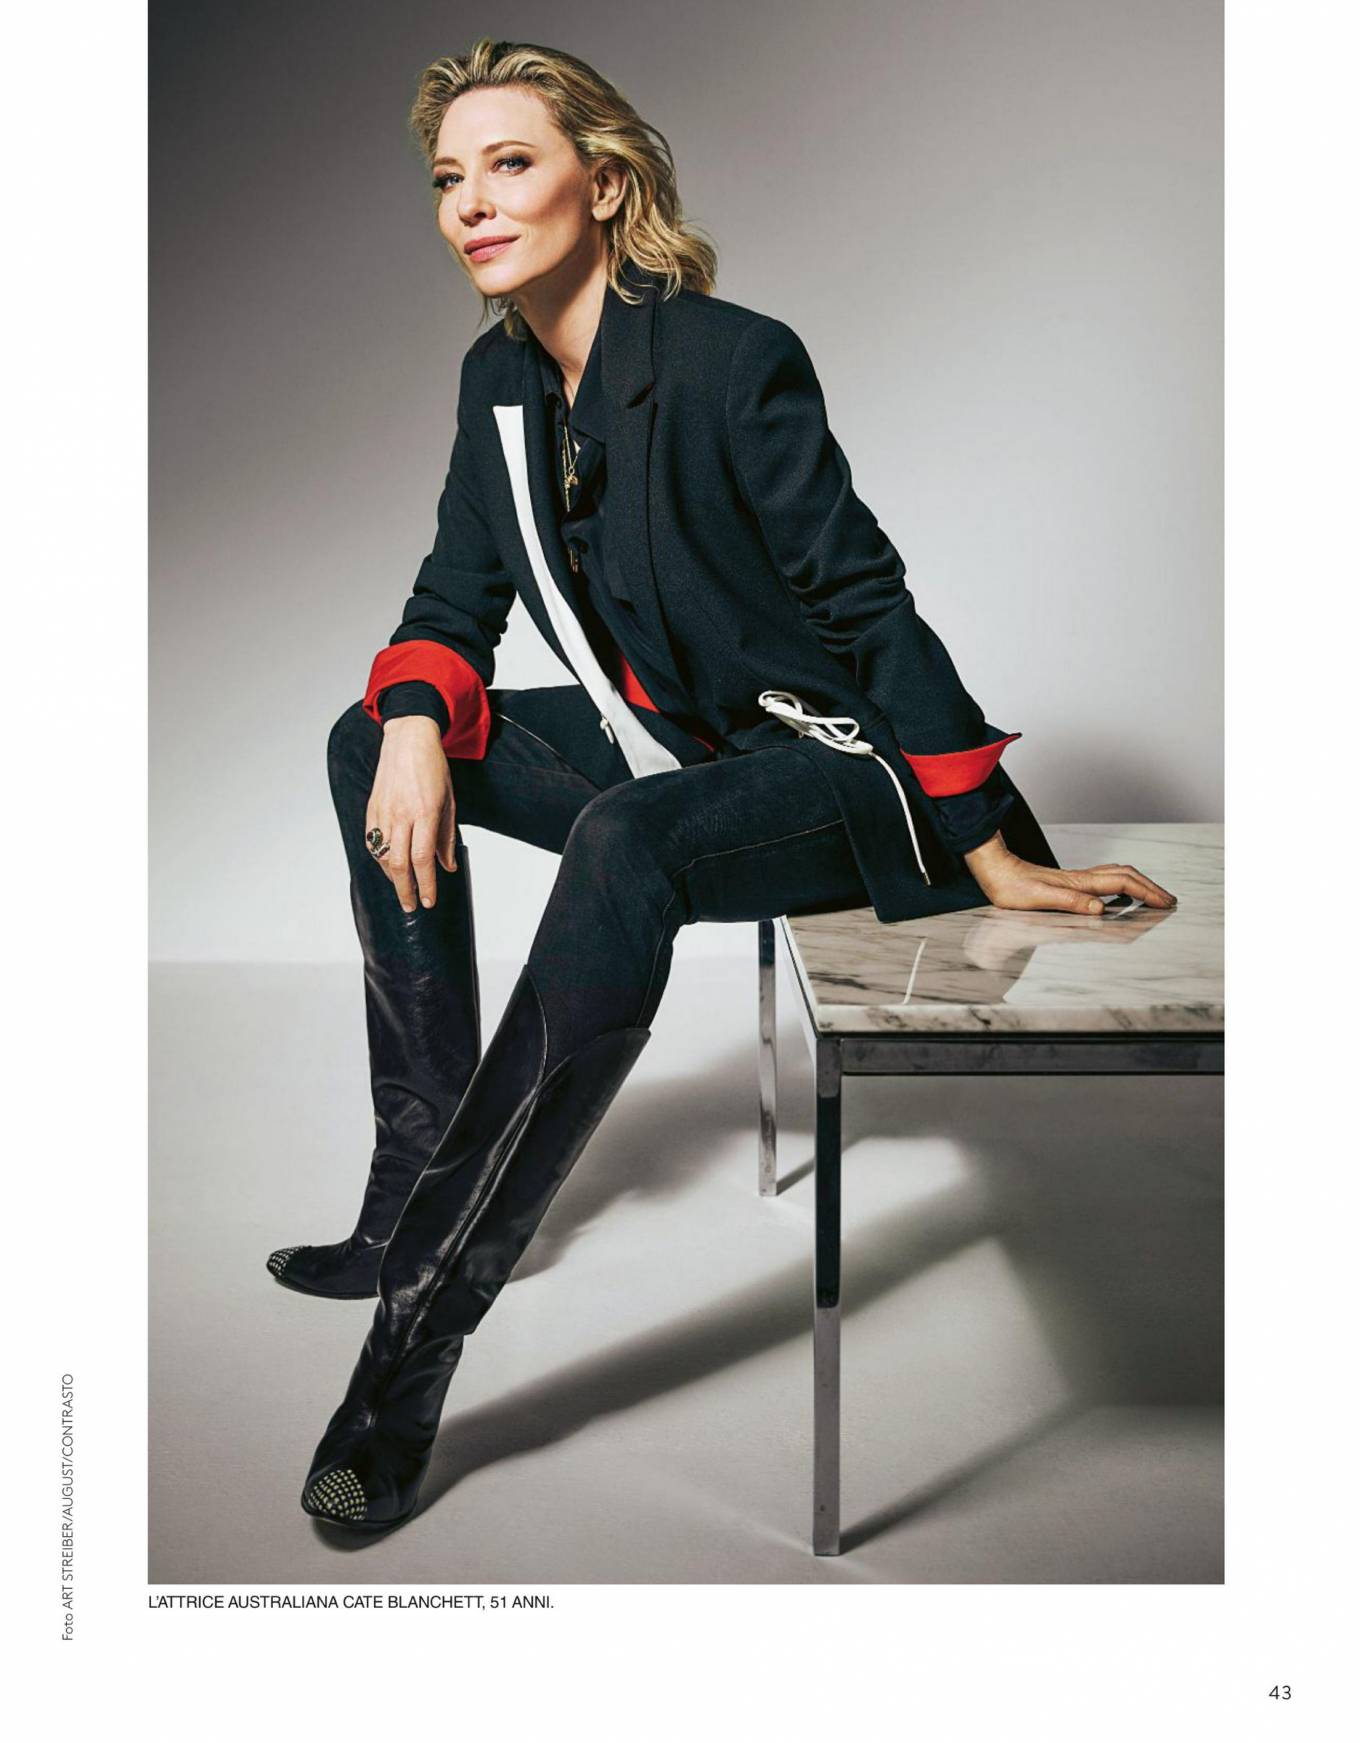 Cate Blanchett 2020 : Cate Blanchett – Grazia Italy 2020-01